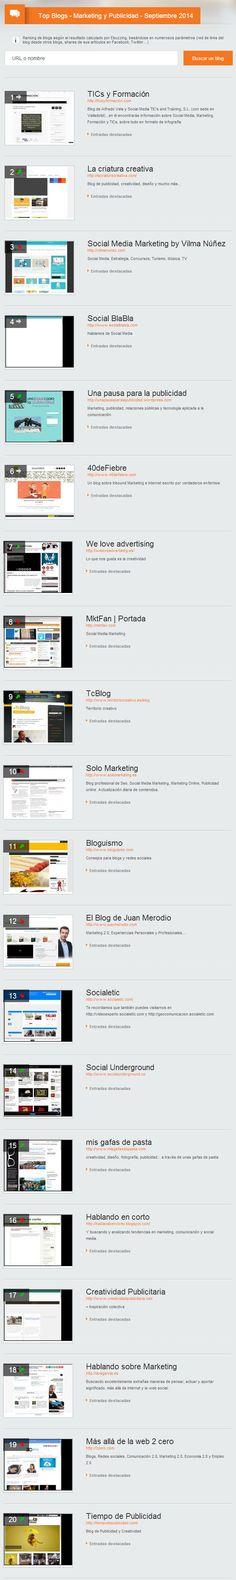 Top 20 blogs sobre marketing y publicidad más influyentes (9/2014) #infografia